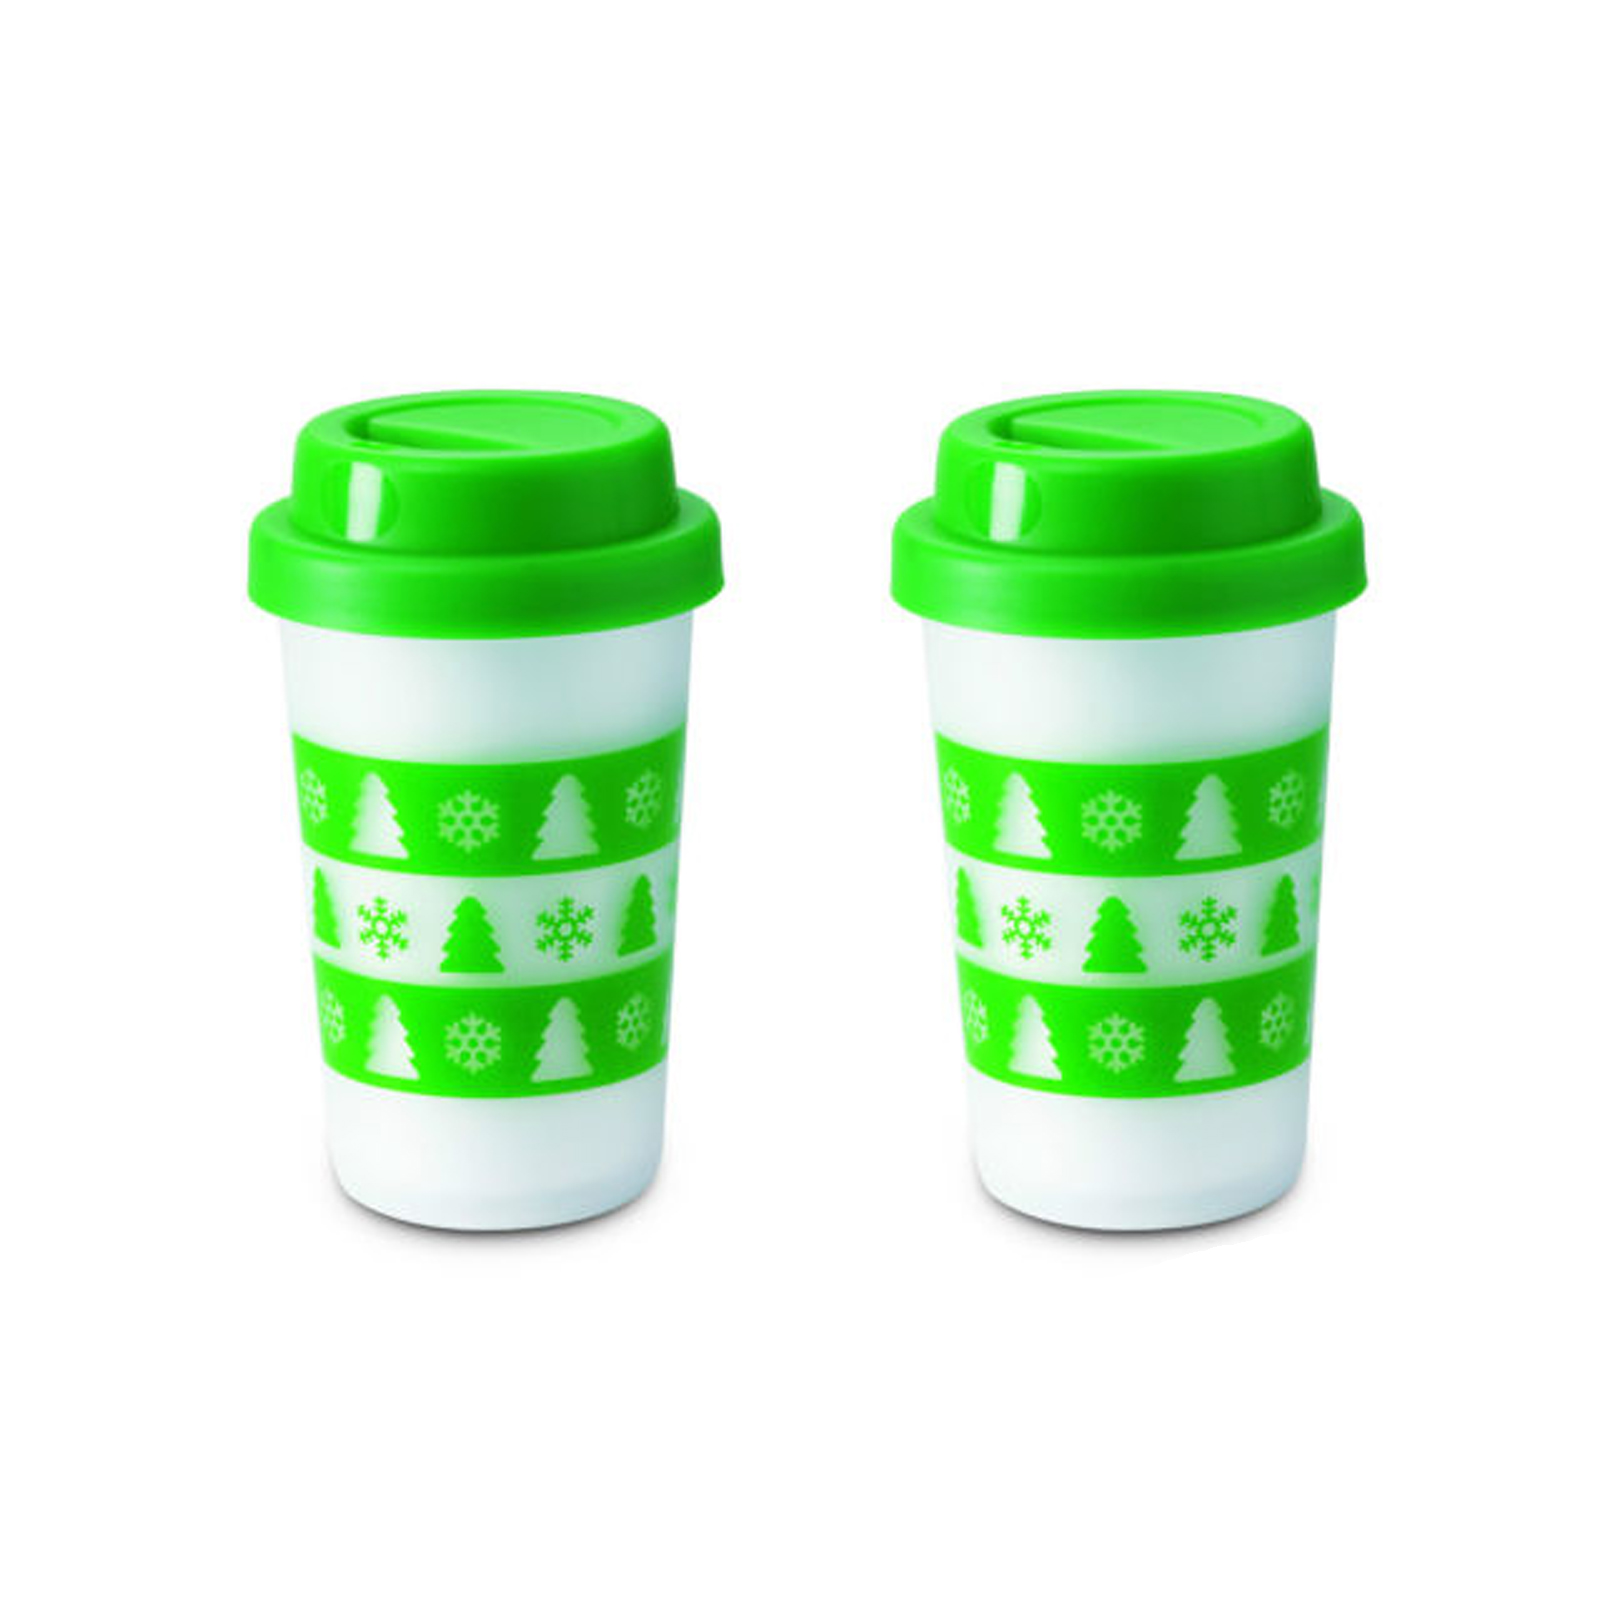 2 Arbol De Navidad Aislante Tazas Para Beber Vaso Con Tornillo Lid - Arbol-de-navidad-con-vasos-de-plastico